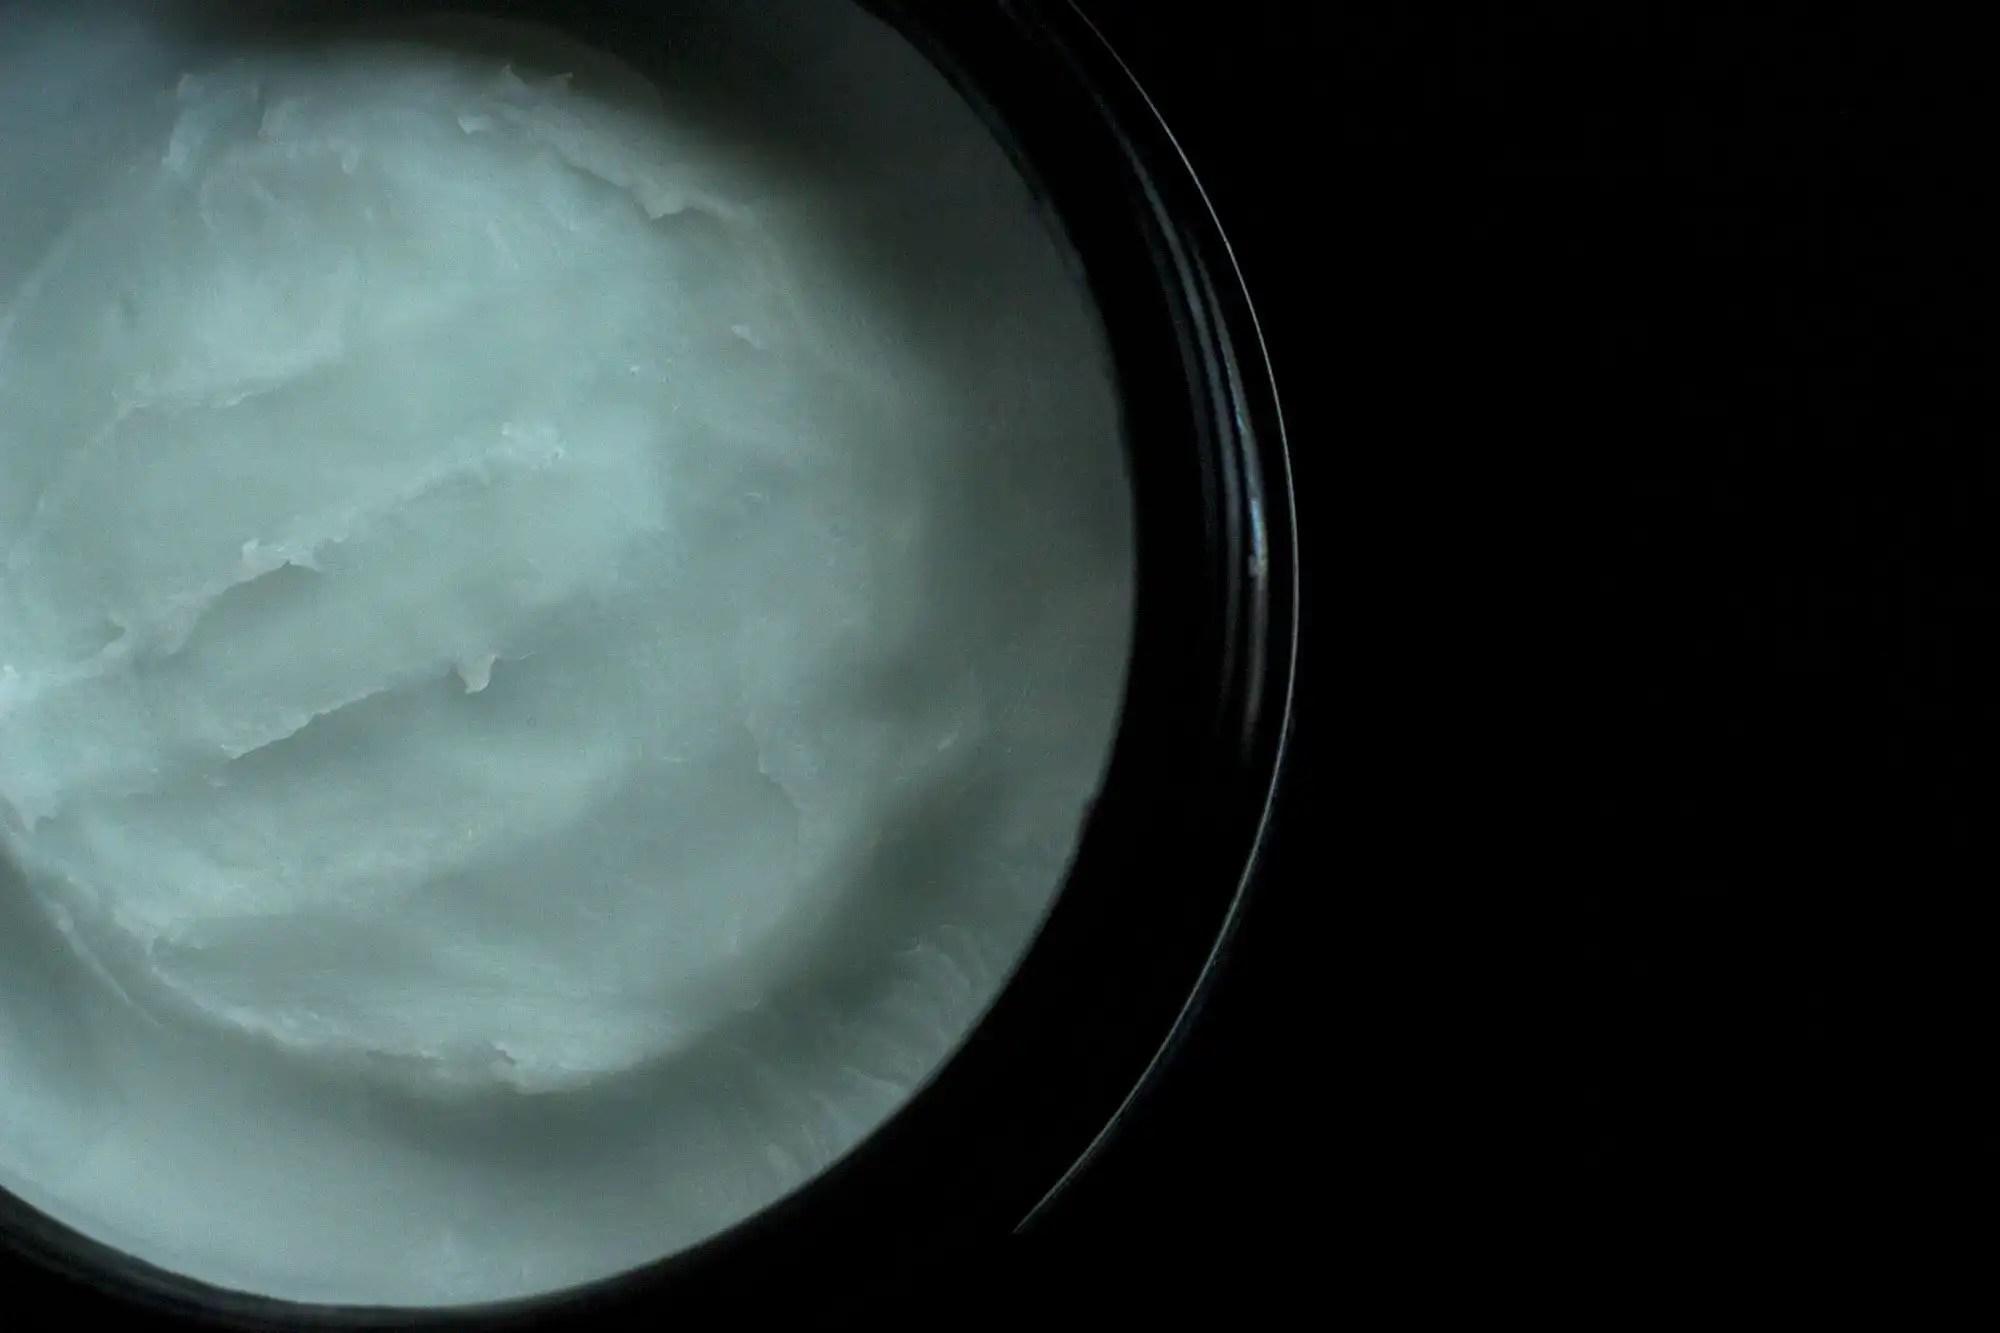 Khus Khus Body Wax In Jar